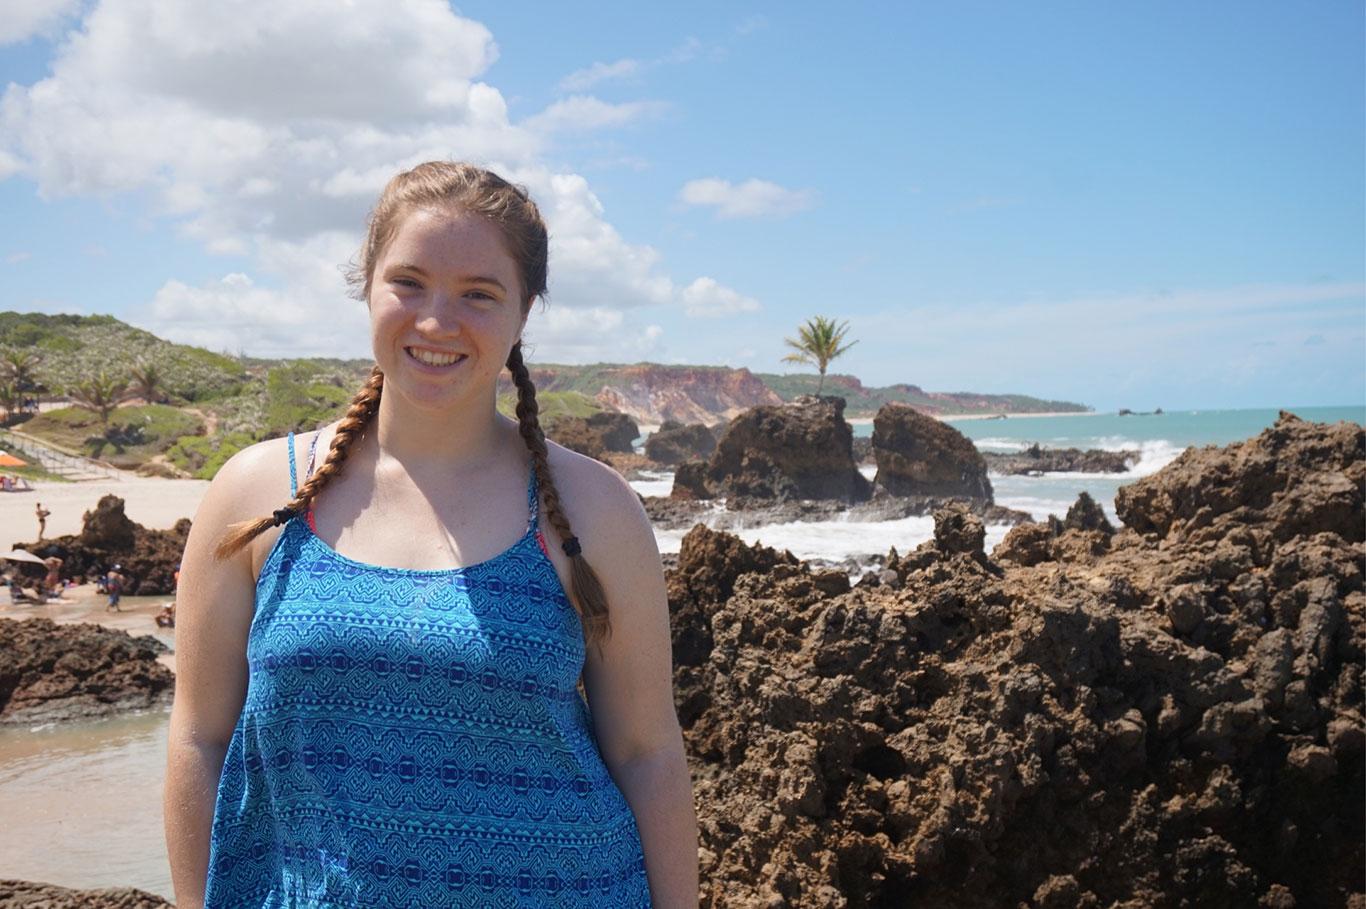 Megan Radney